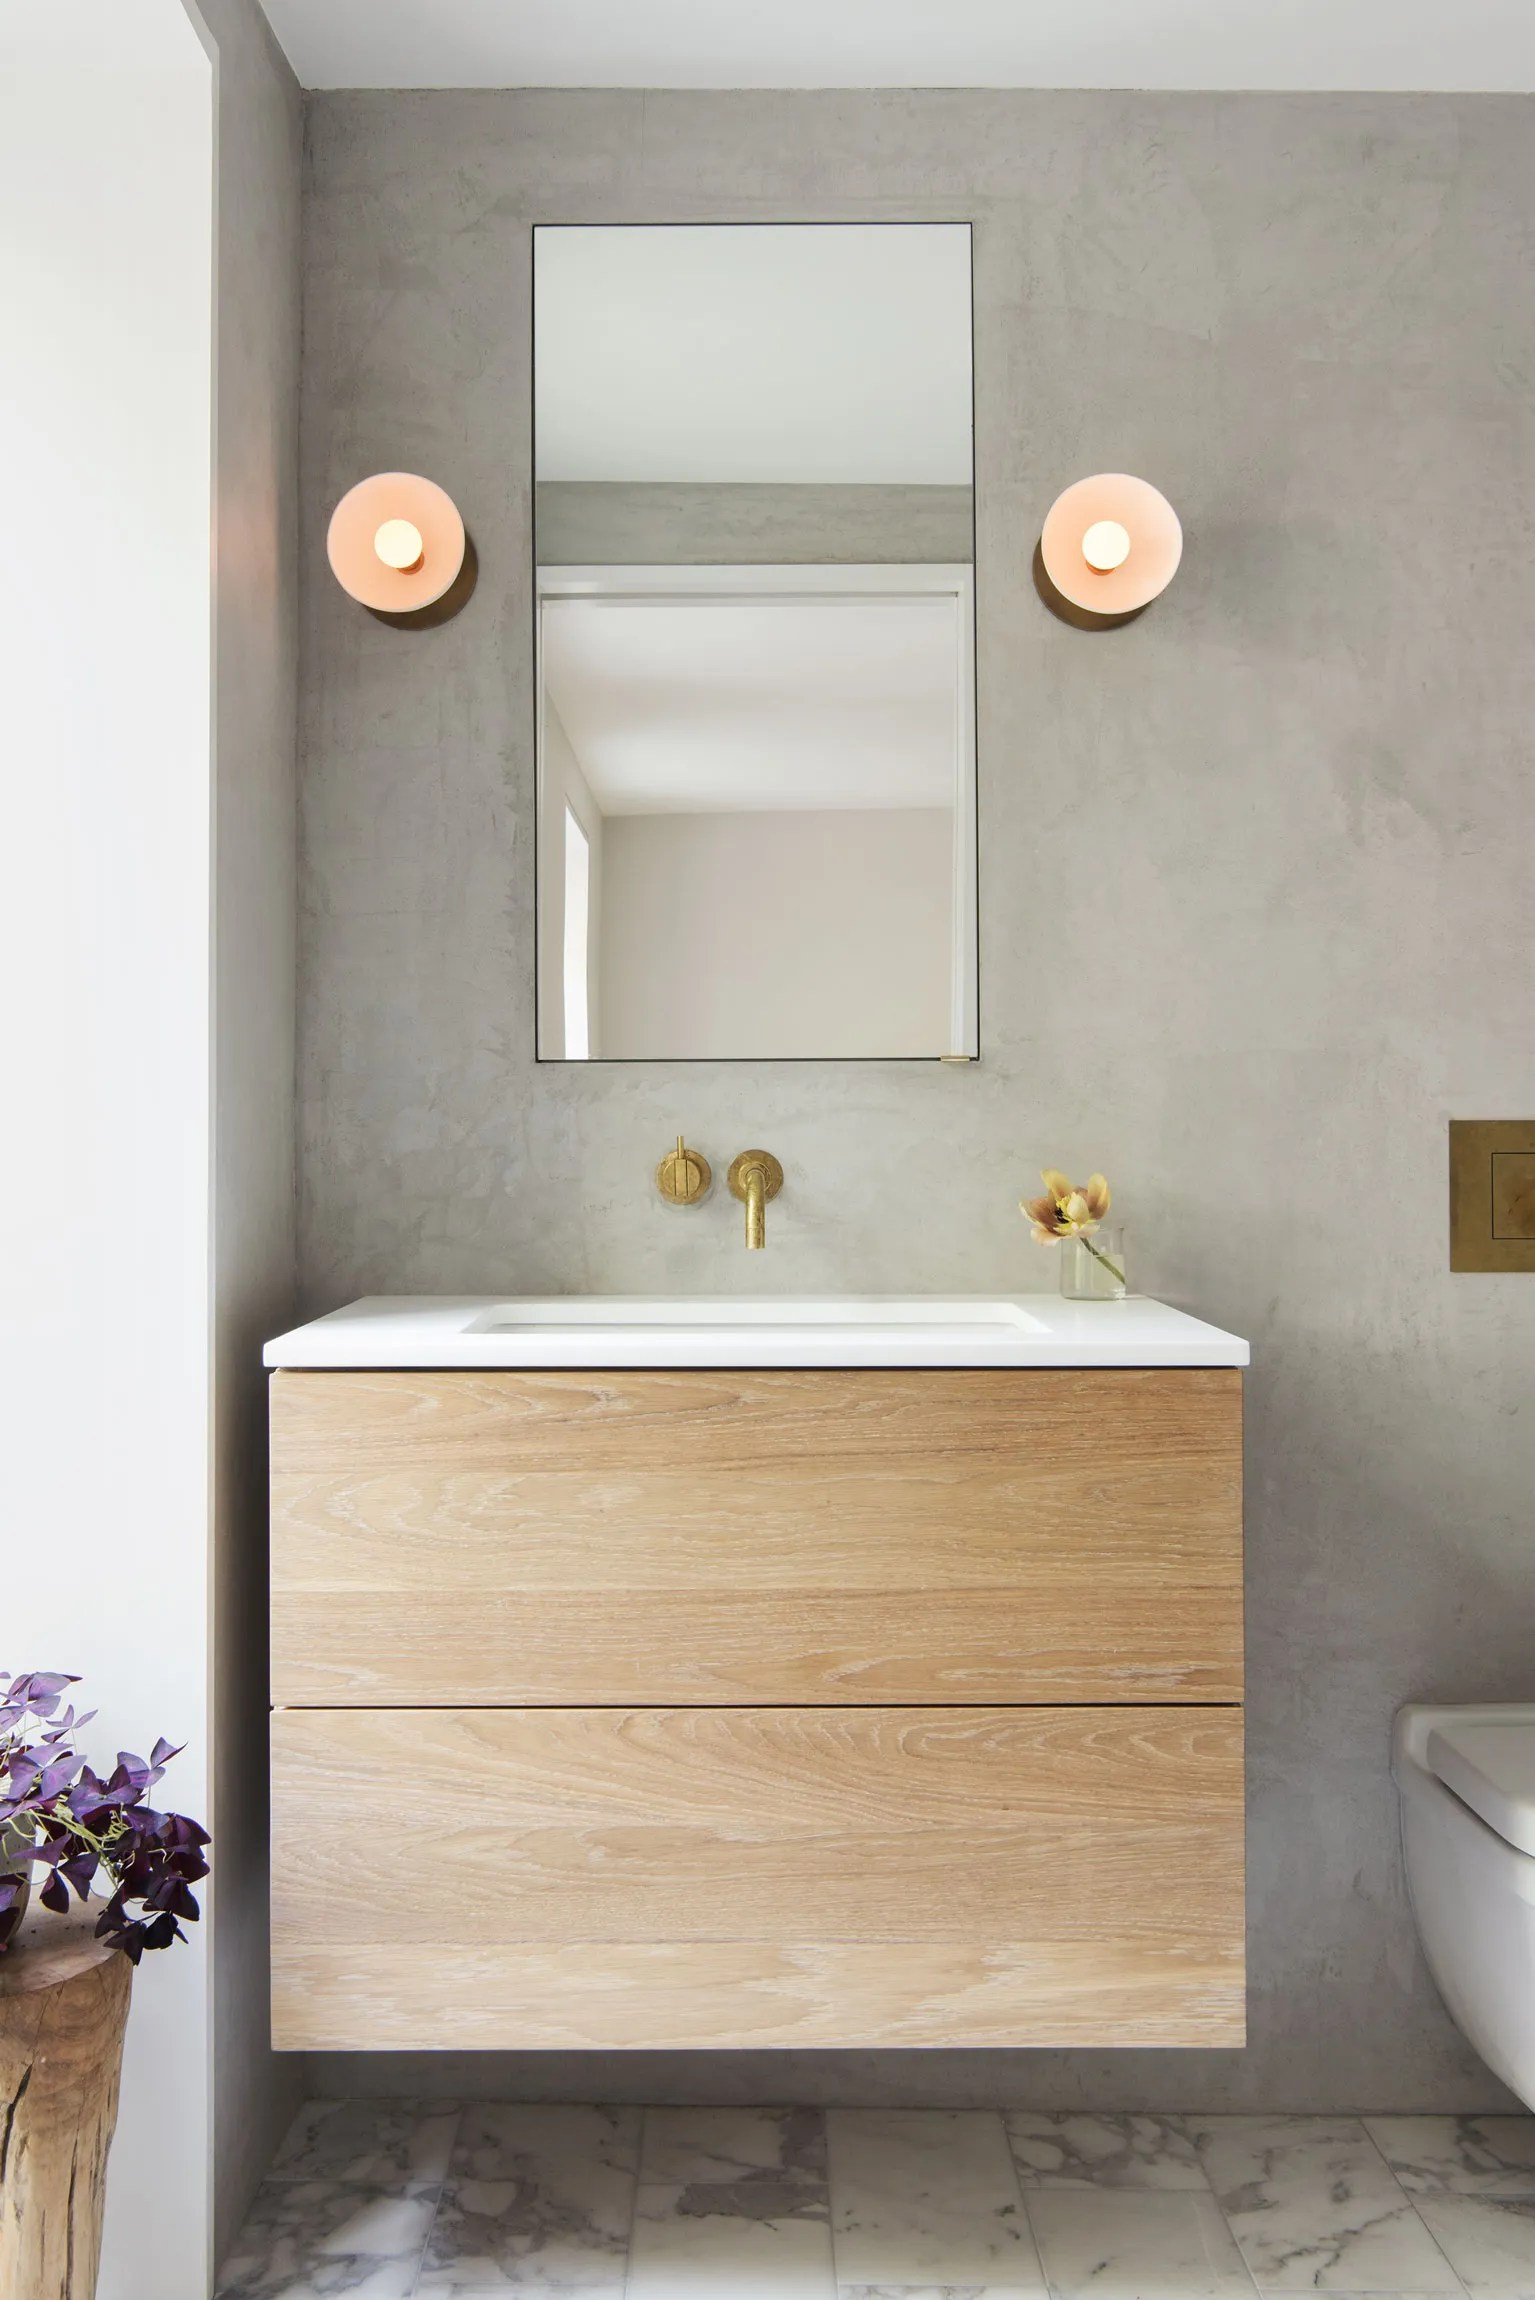 12 bathroom mirror ideas for every